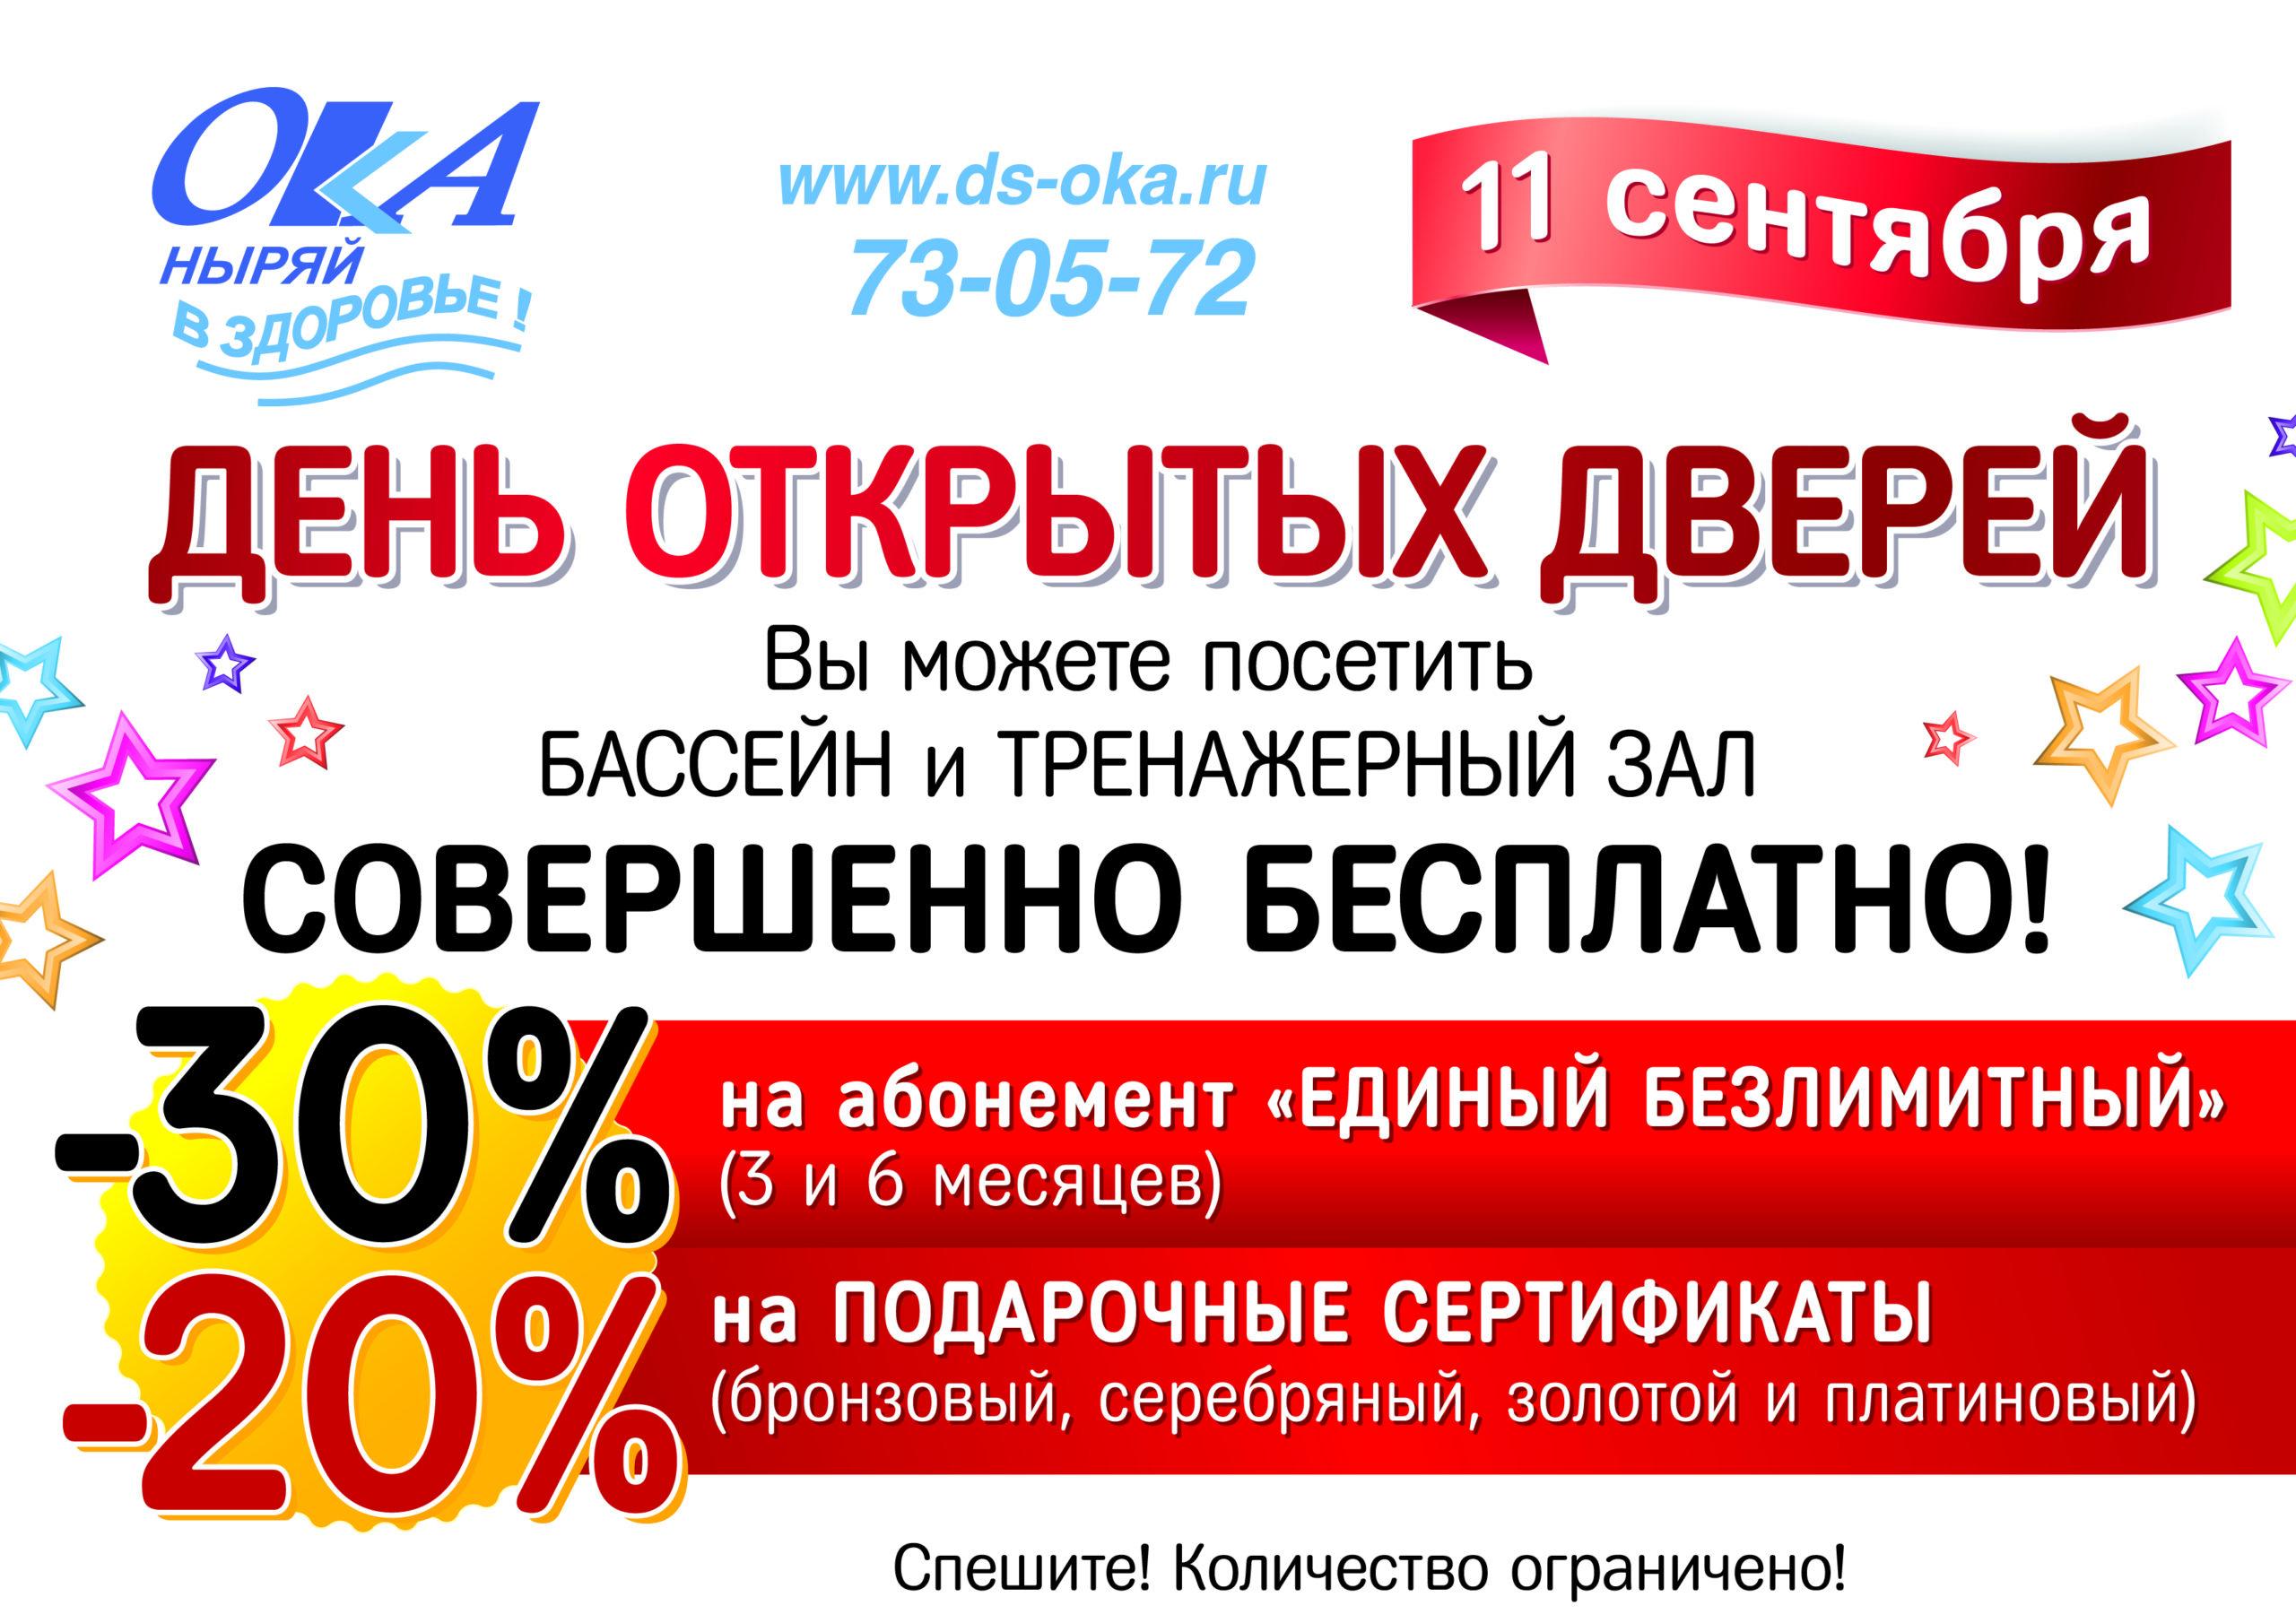 День Открытых дверей во Дворце спорта «Ока»